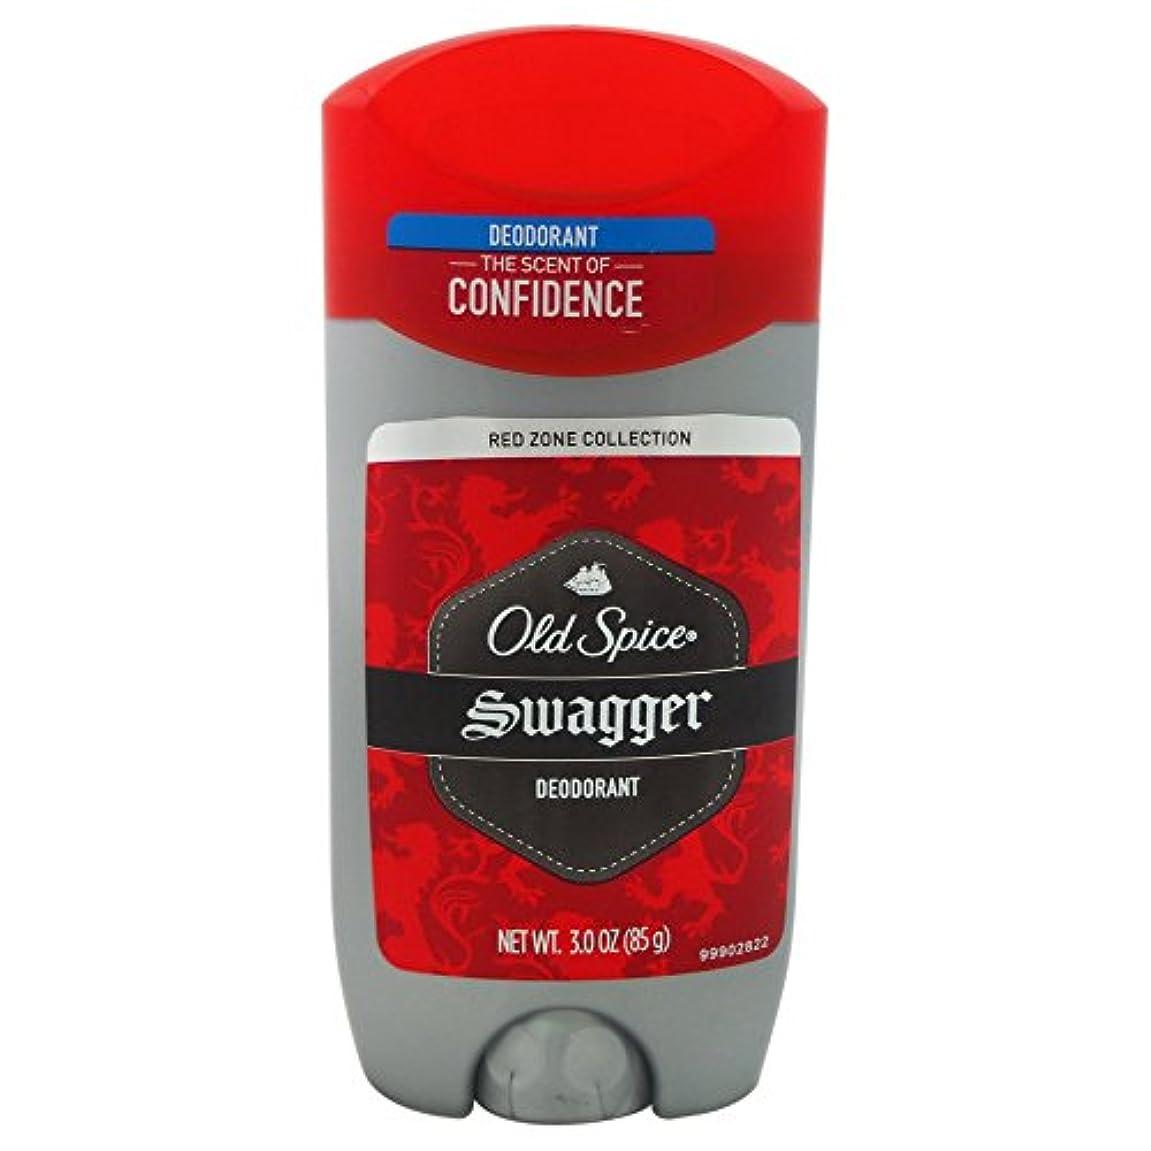 風変わりなデュアル放送オールドスパイス(Old Spice) RED ZONE COLLECTION スワッガー デオドラント 85g[並行輸入品]